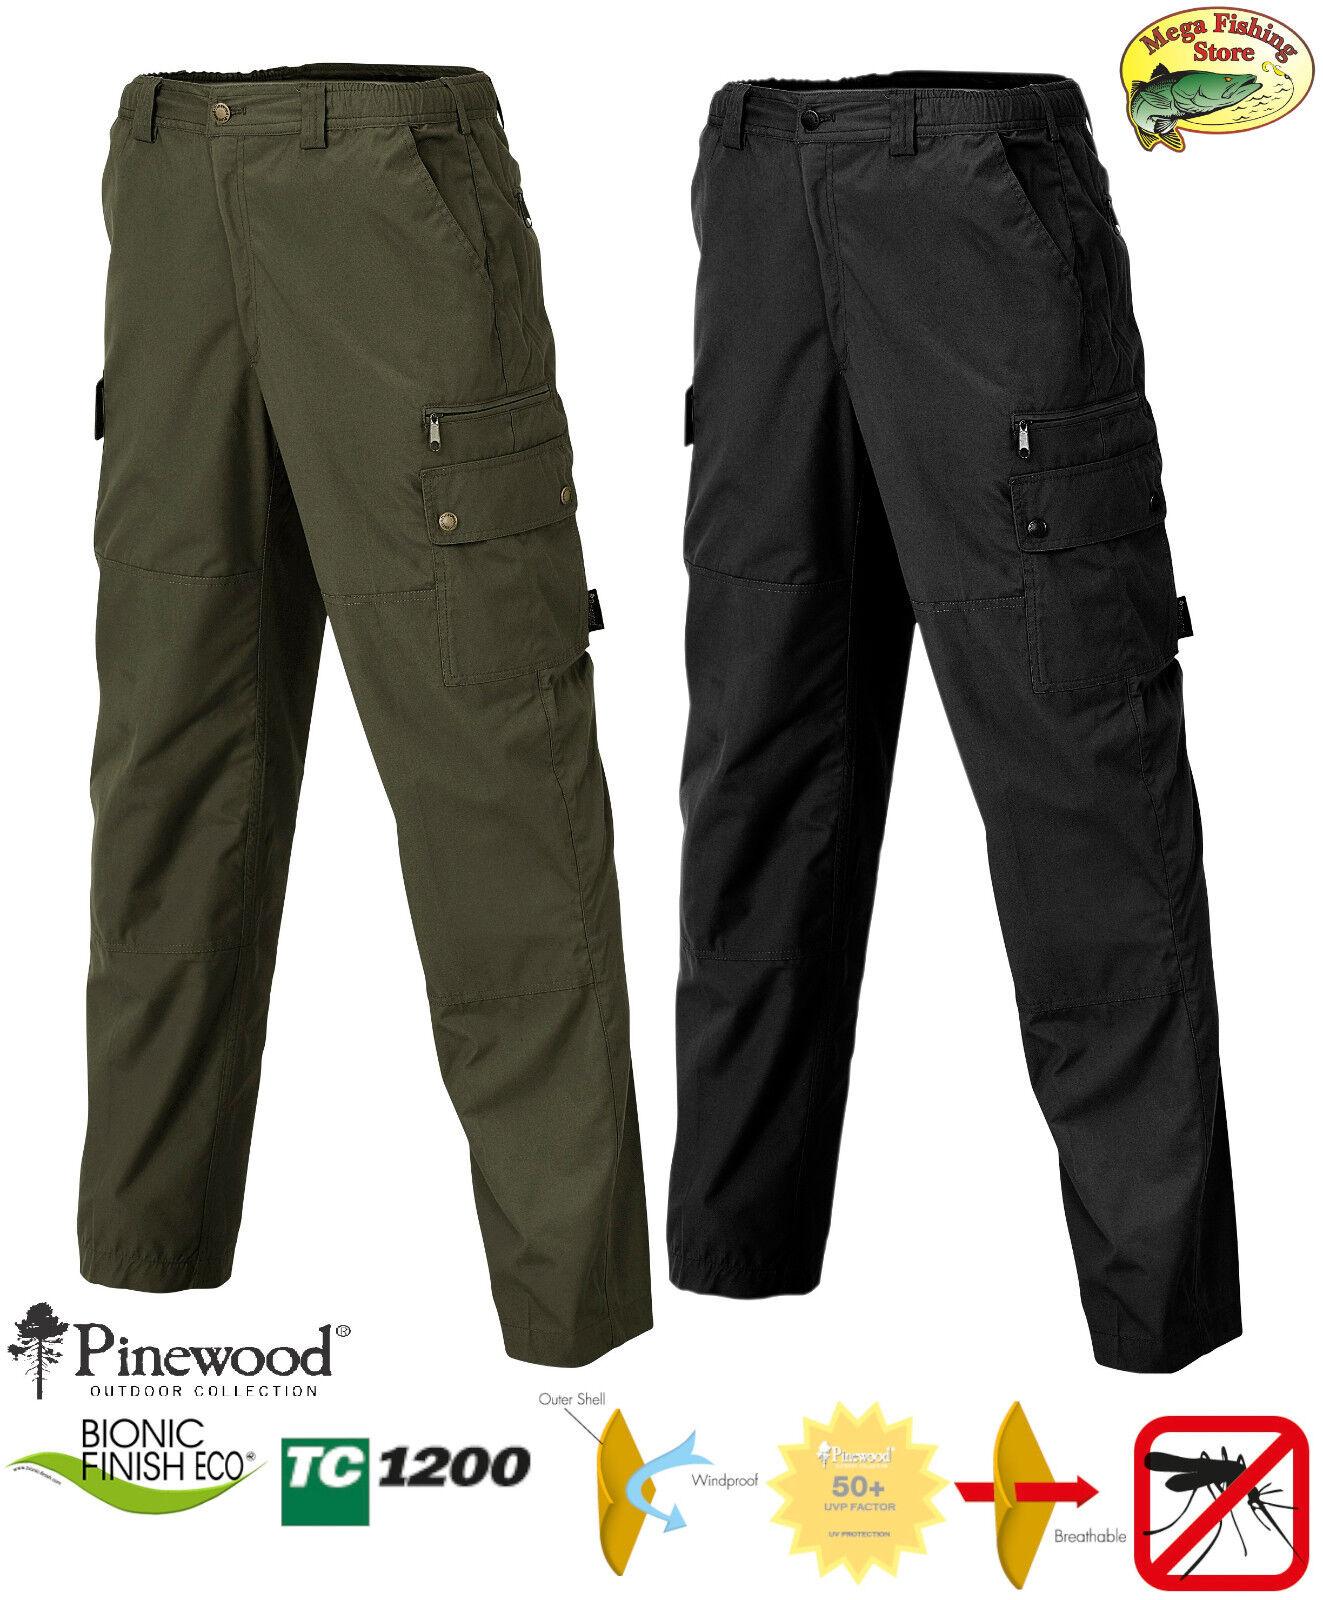 Pinewood 9085 Wildmark  Finnveden Allwetter Outdoorhose Jagd Outdoor Angel Hose